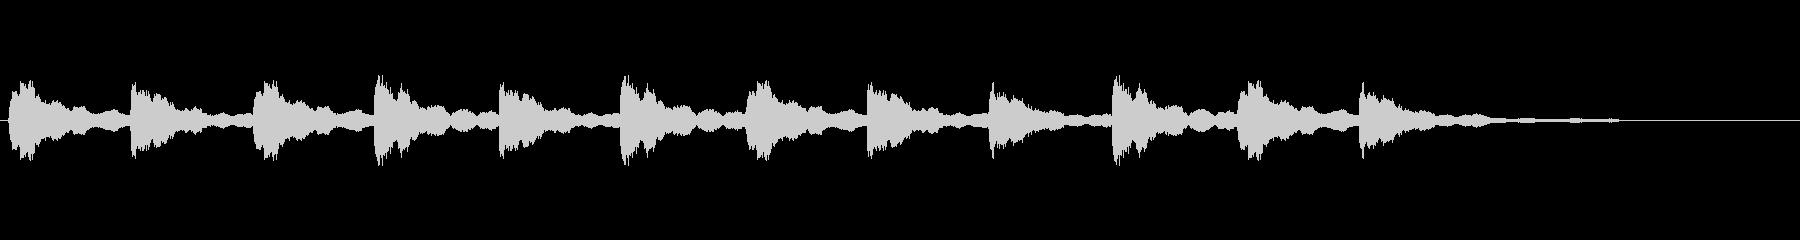 教会の鐘-大-ヒット12の未再生の波形